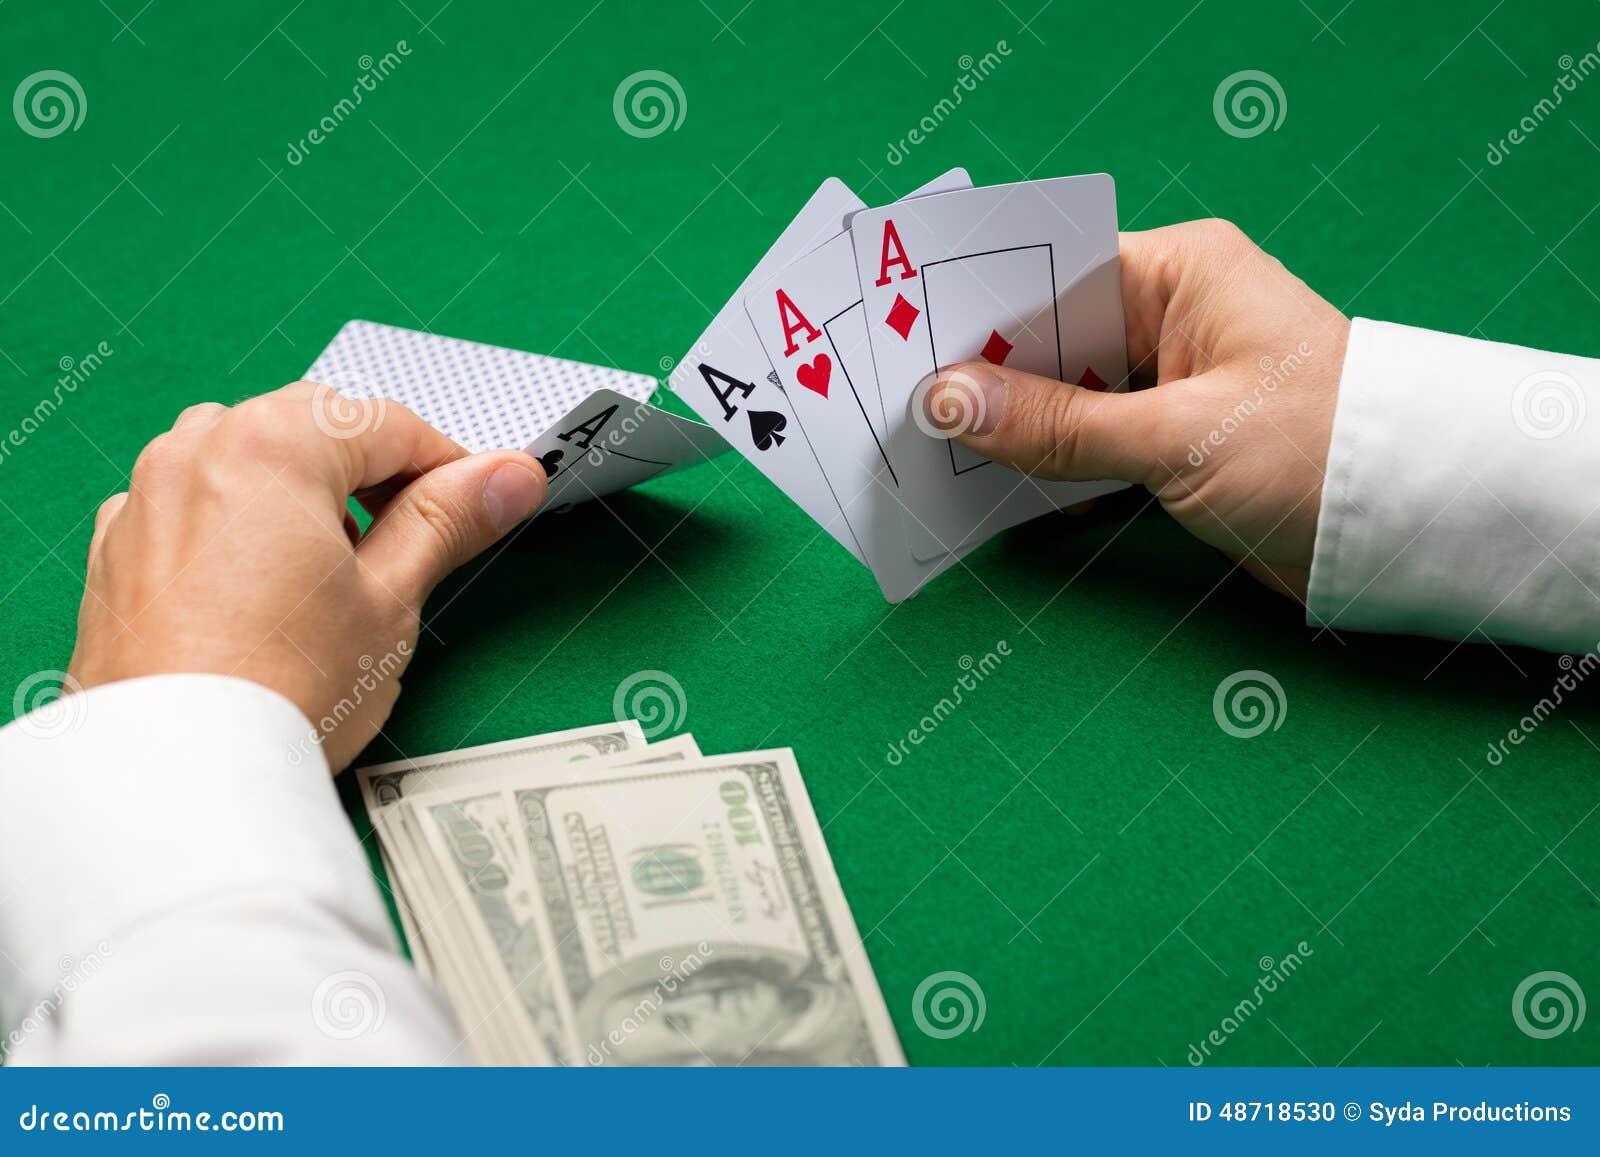 warum macht lotto spielen sinn